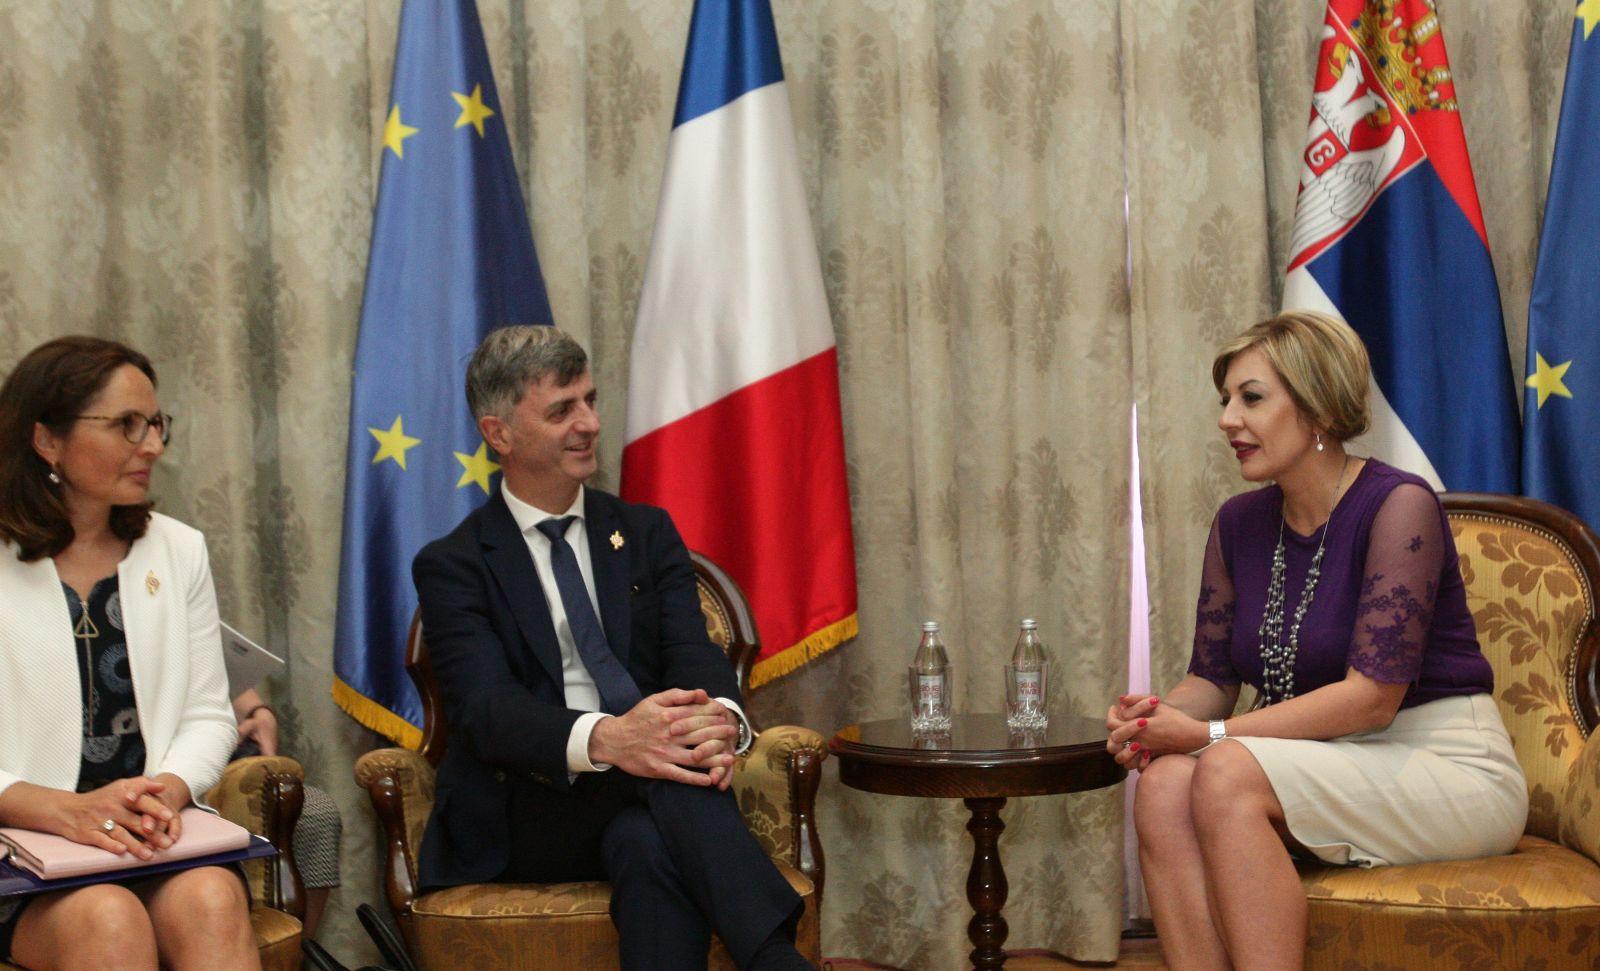 Ј. Јоксимовић и парламентарци Француске: Србија конструктиван партнер ЕУ